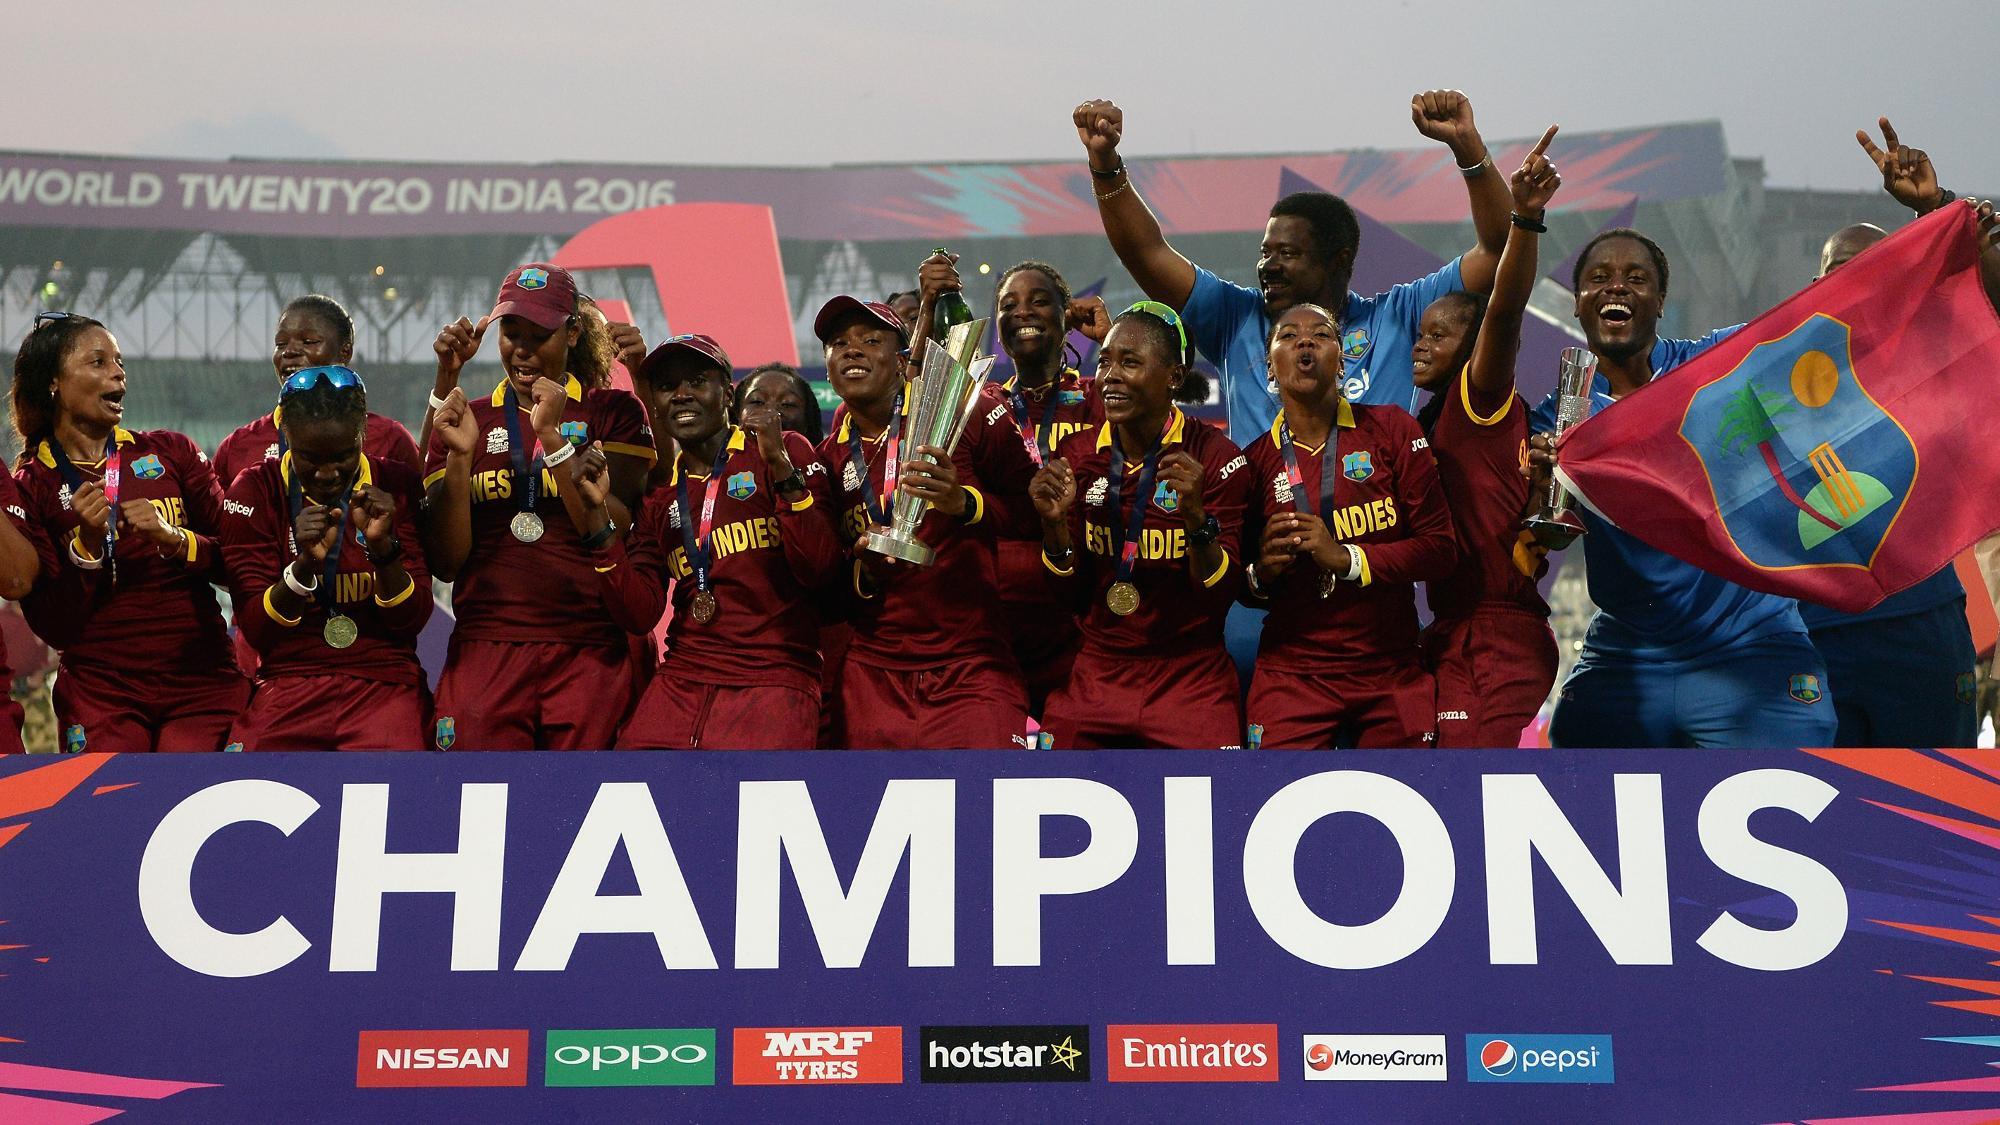 IMAGE: ICC